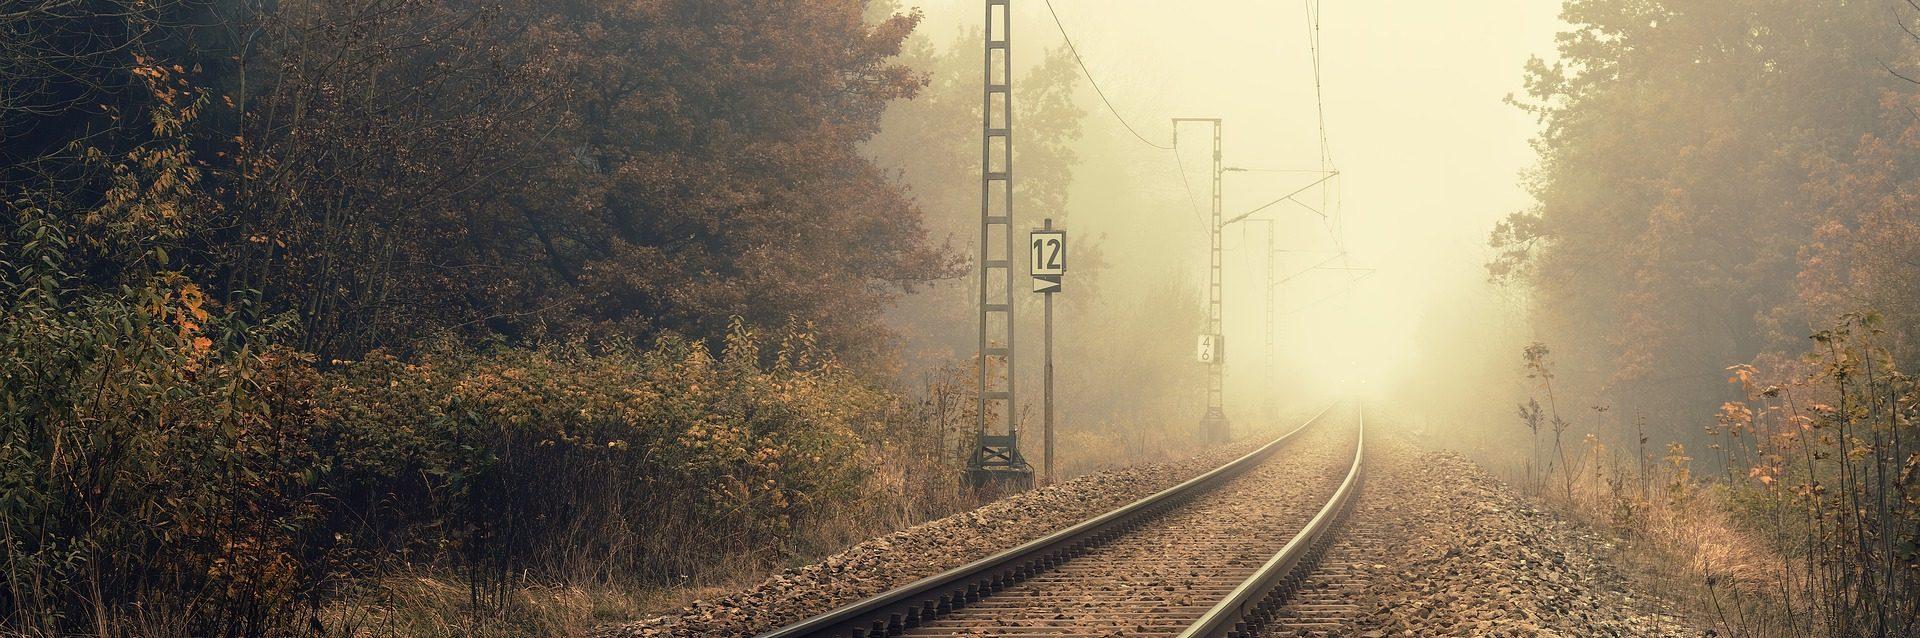 Entre la niebla es un relato escrito por Miguel Rodríguez Echeandía sobre los viajes en tren y lo que se piensa en ellos.